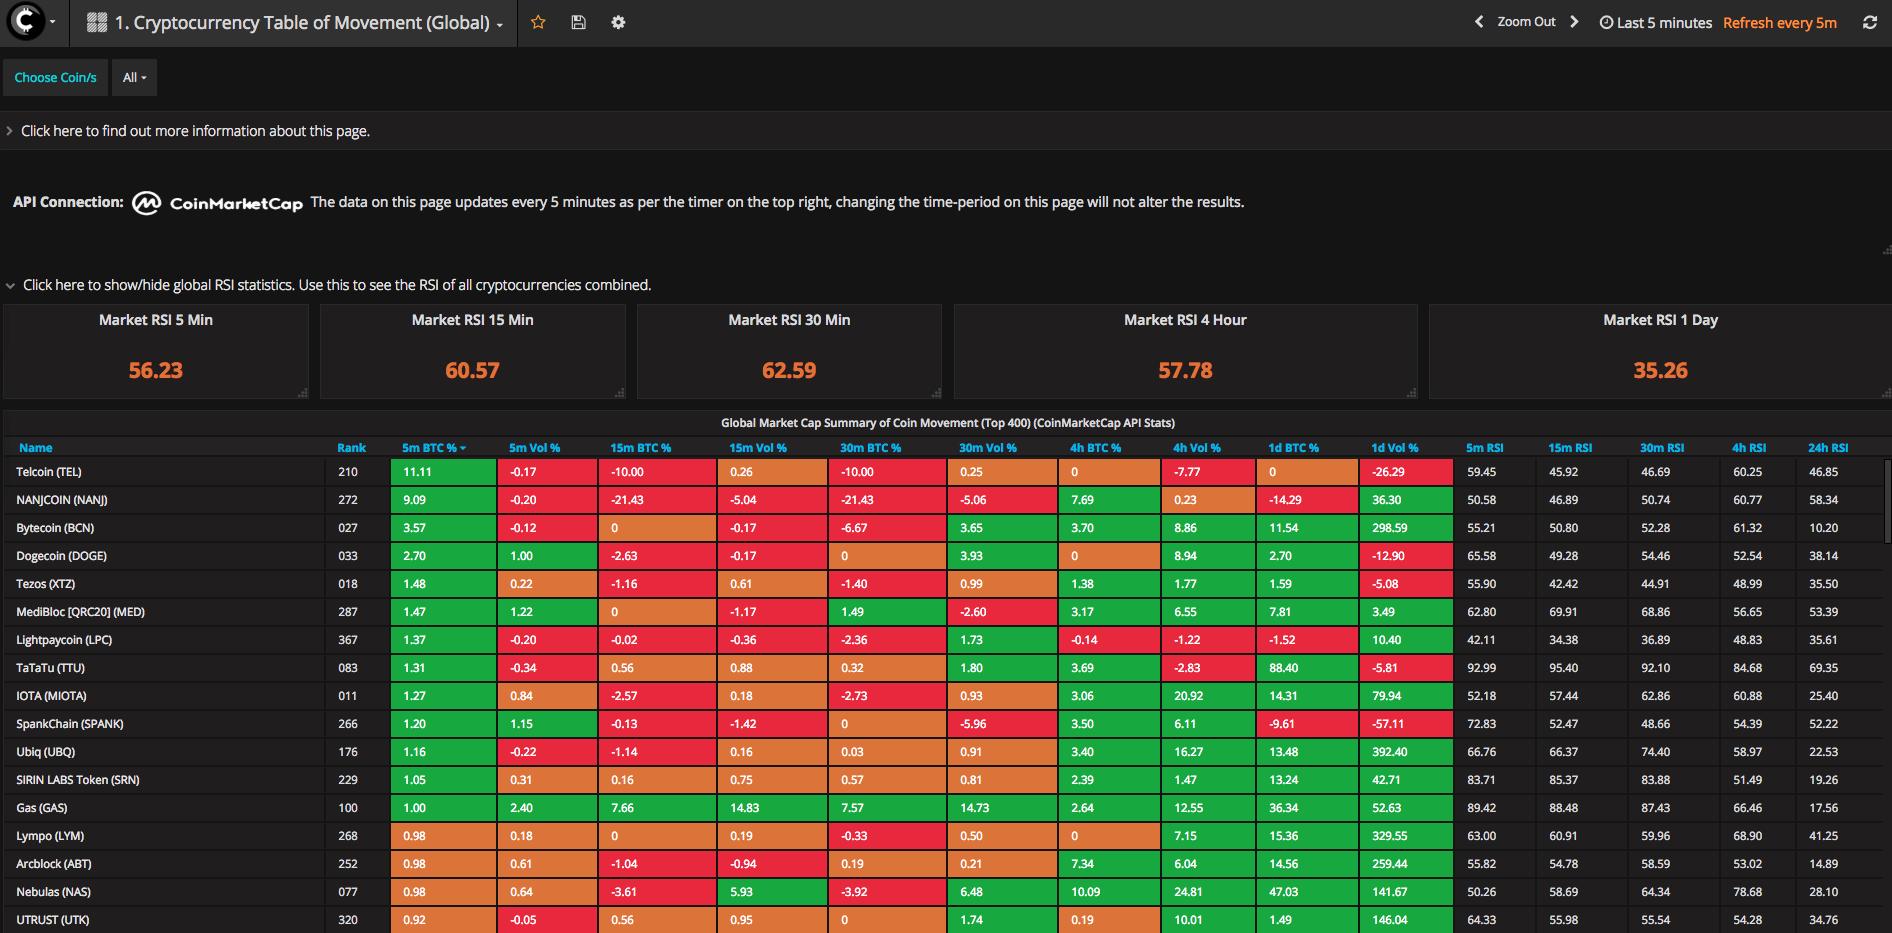 Table of Movement (CoinMarketCap Data)